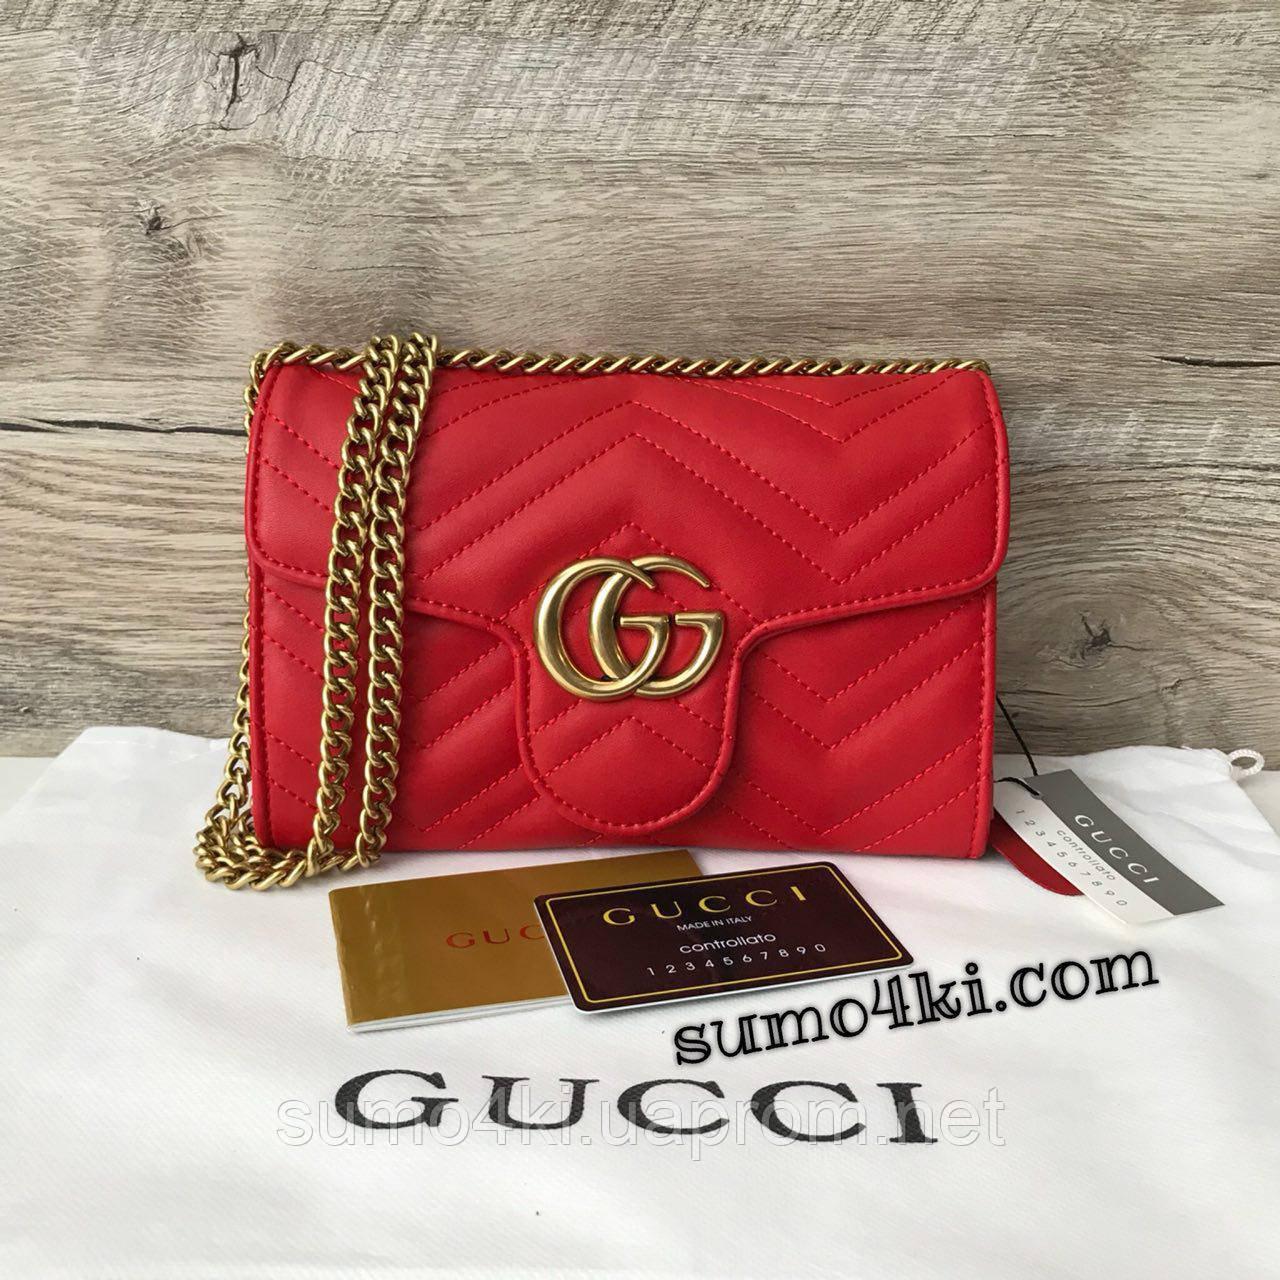 8043b584e80d Женская сумка-клатч Gucci Гуччи - Интернет-магазин «Галерея Сумок» в Одессе